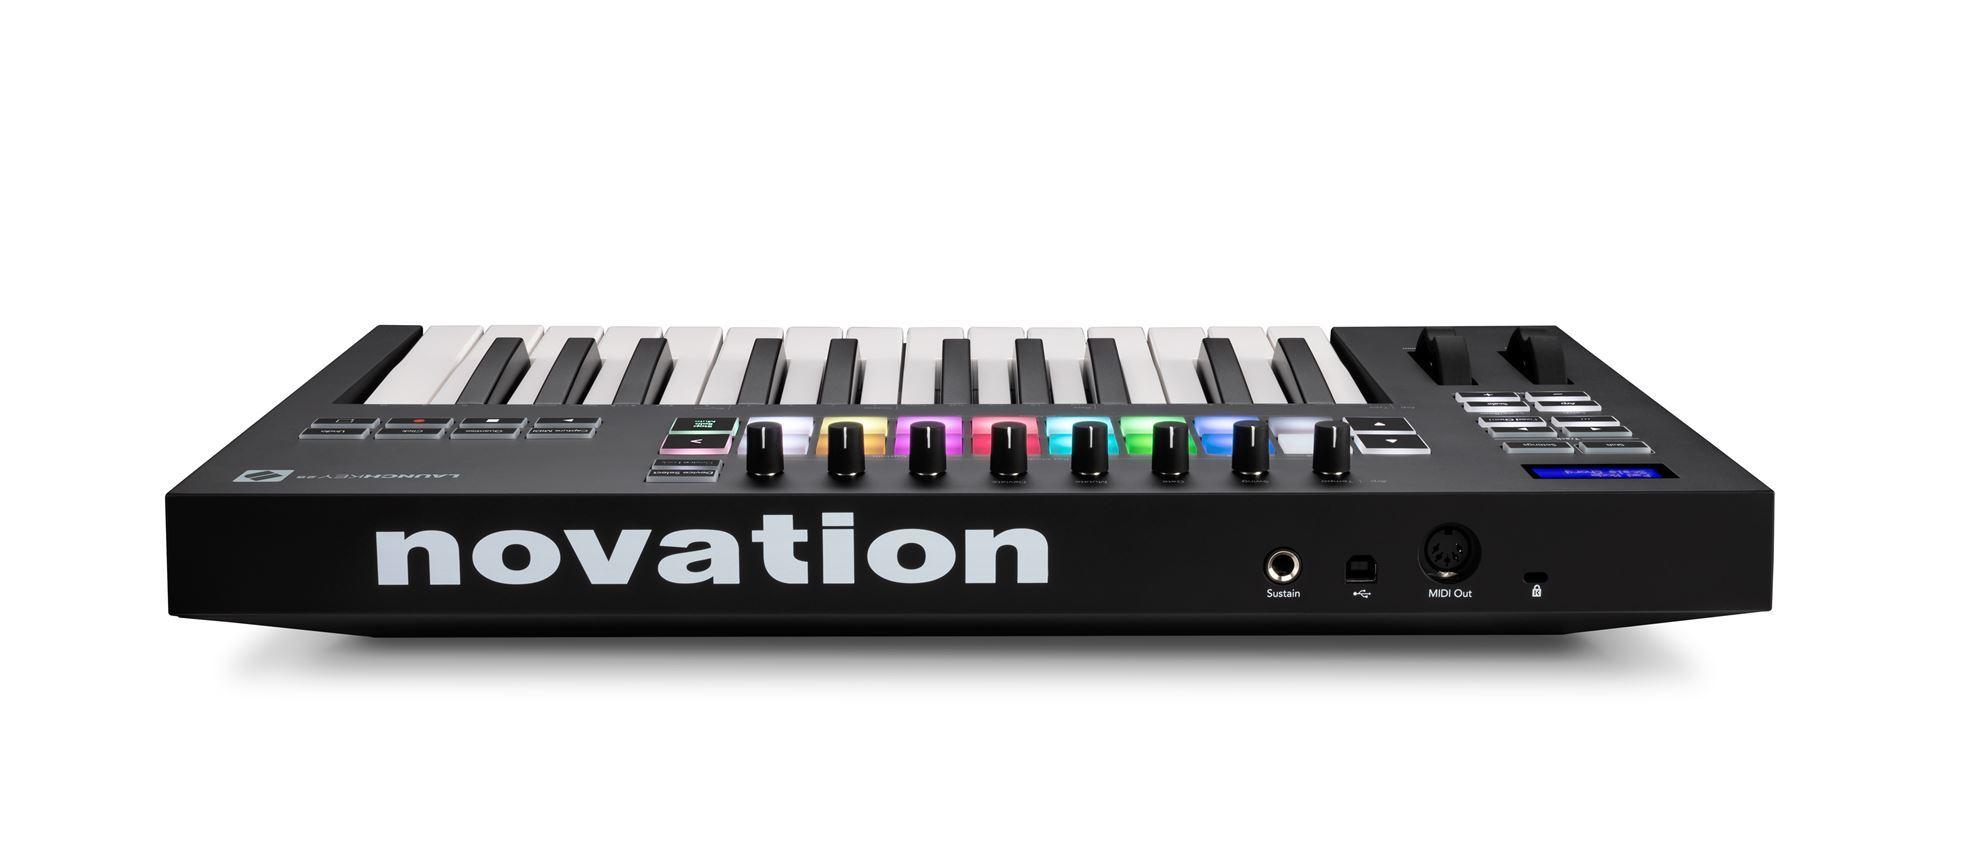 Novation Launchkey Mk3 25-Note Keyboard - Rear